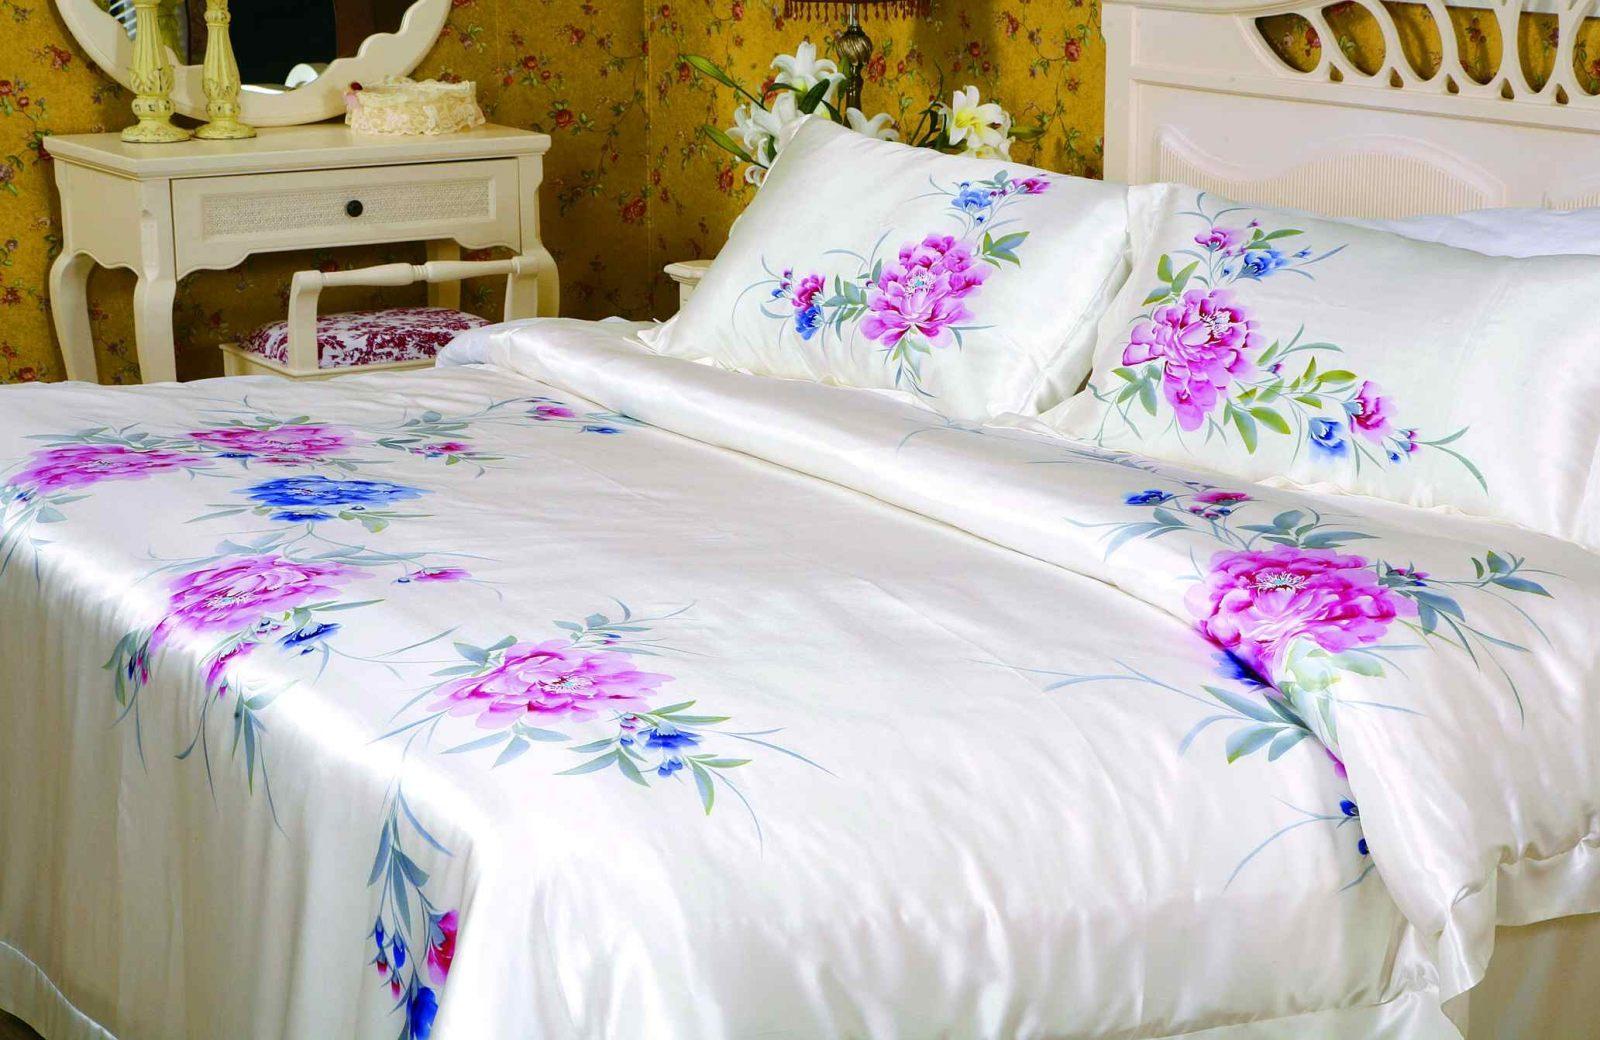 Ropa de cama blanca y rosada im genes y fotos - Lexington ropa de cama ...